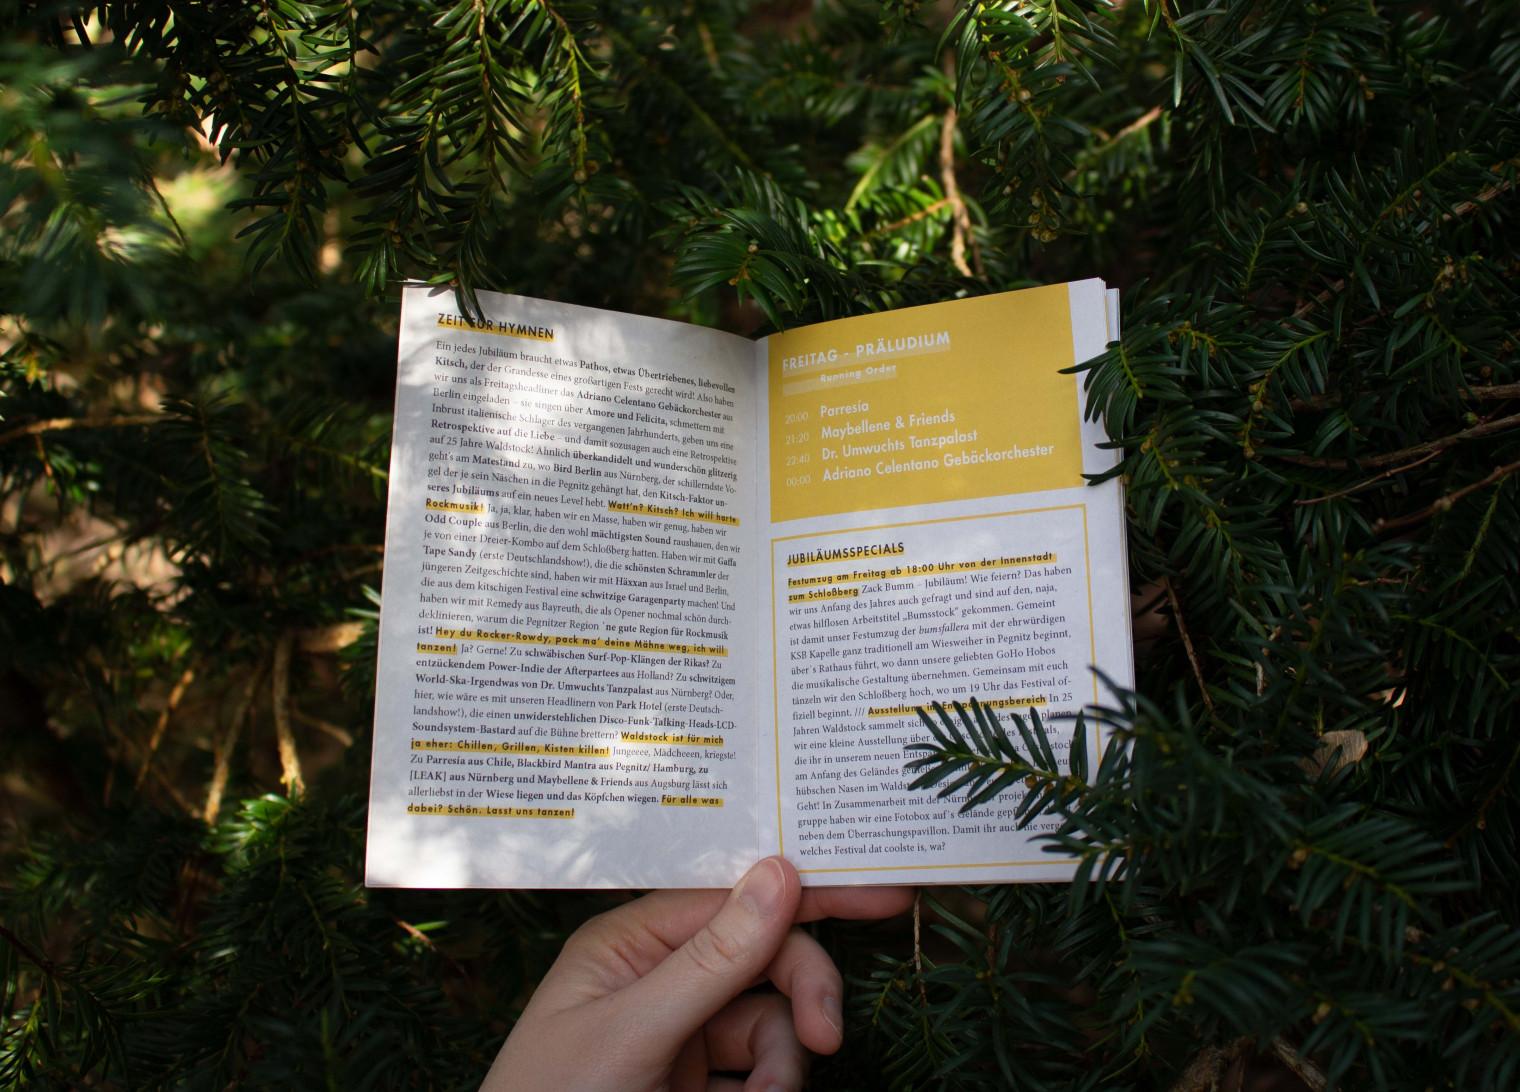 Aufgeschlagenes Programmheft, im Hintergrund Nadelbaum.